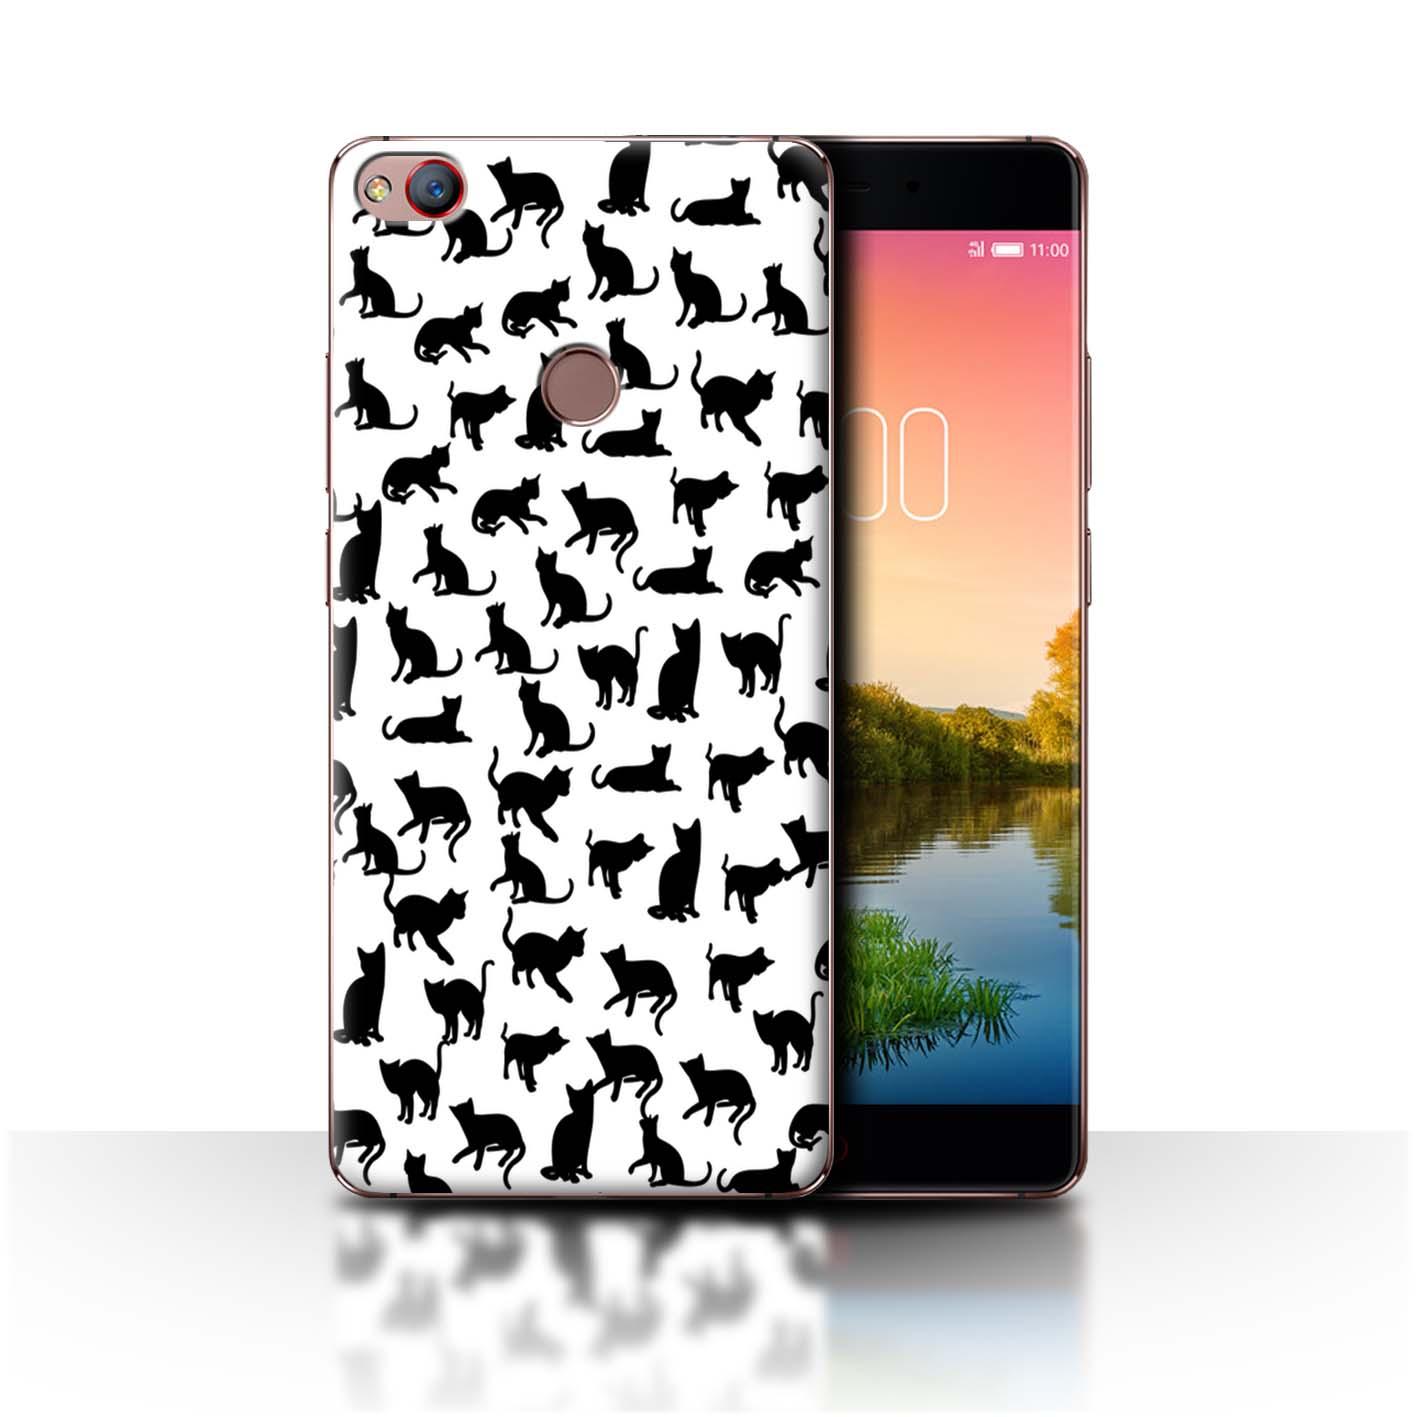 STUFF4-Back-Case-Cover-Skin-for-ZTE-Nubia-Z11-Cute-Cartoon-Cat